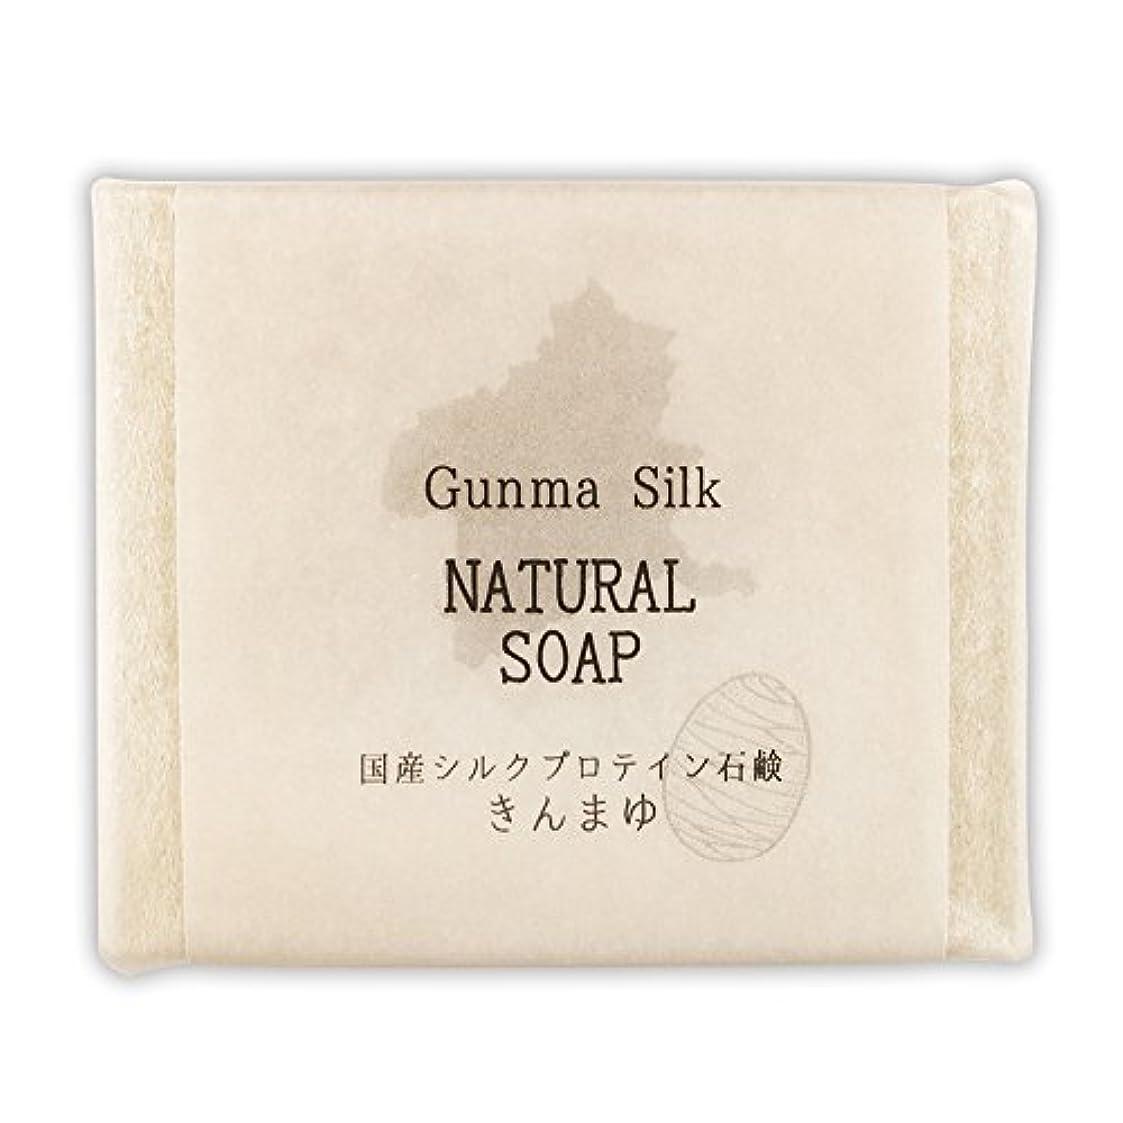 クッション奨励します想起BN 国産シルクプロテイン石鹸 きんまゆ SKS-04 (1個)